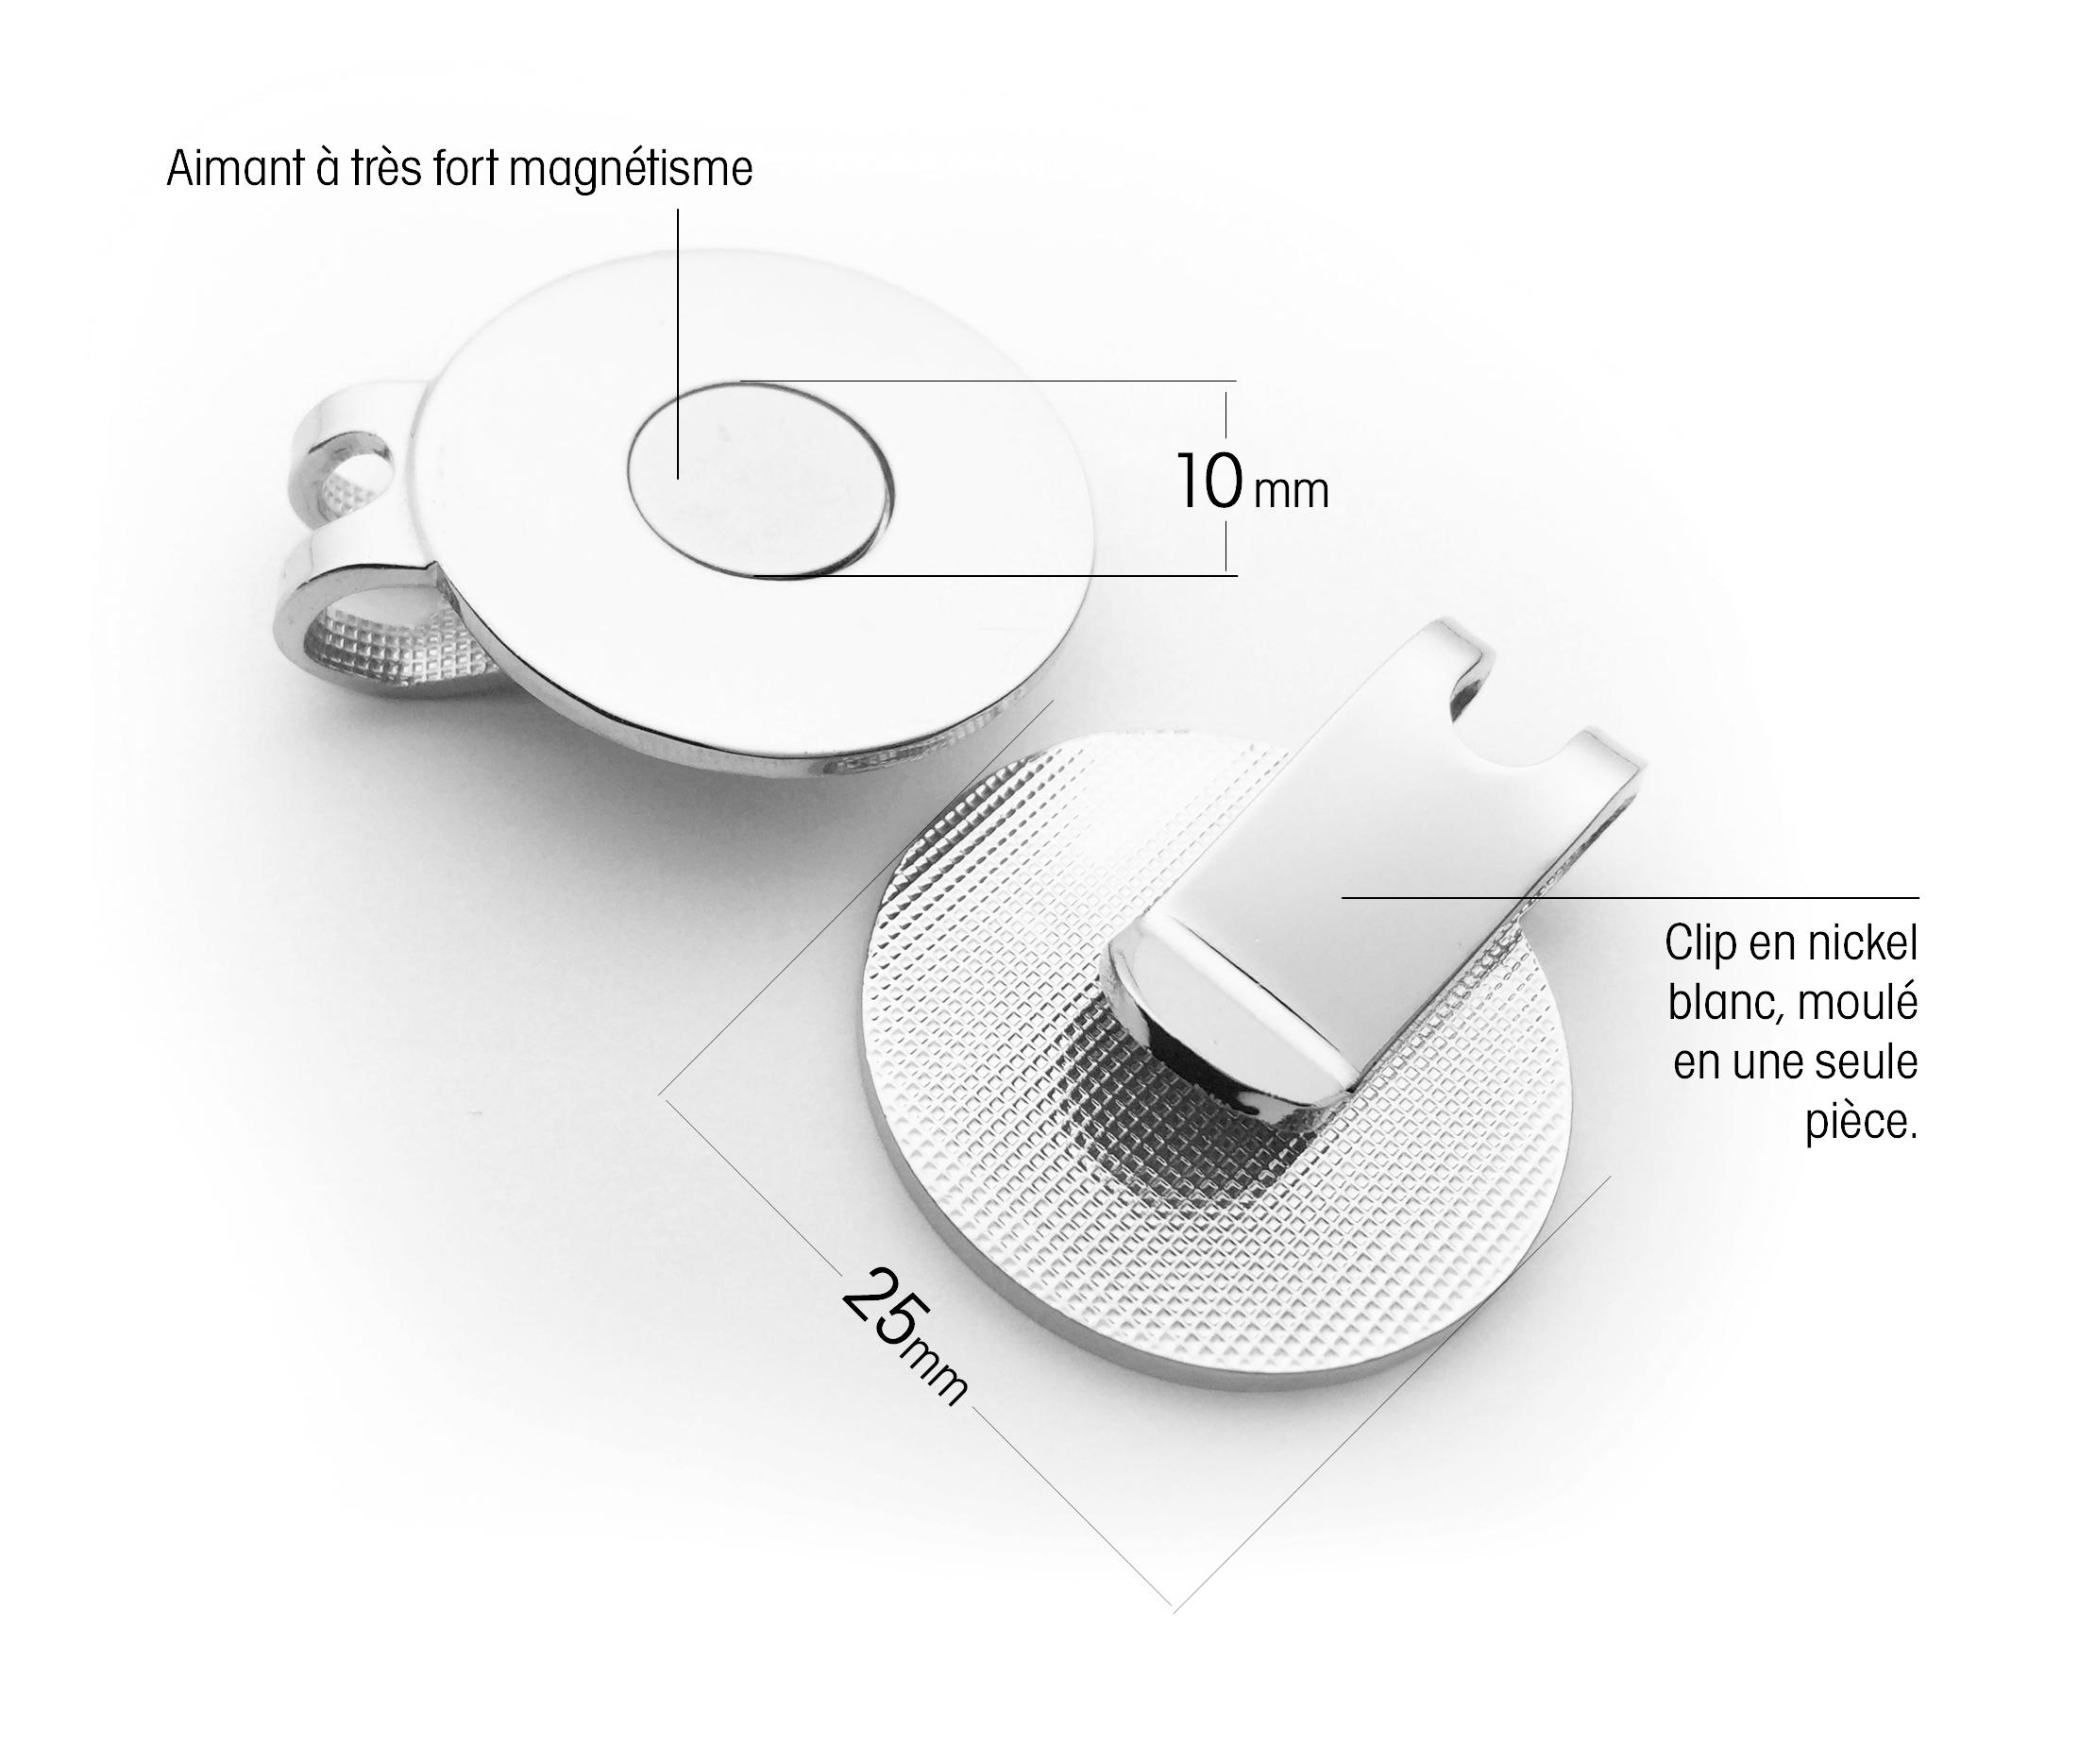 Clip casquette magnétique